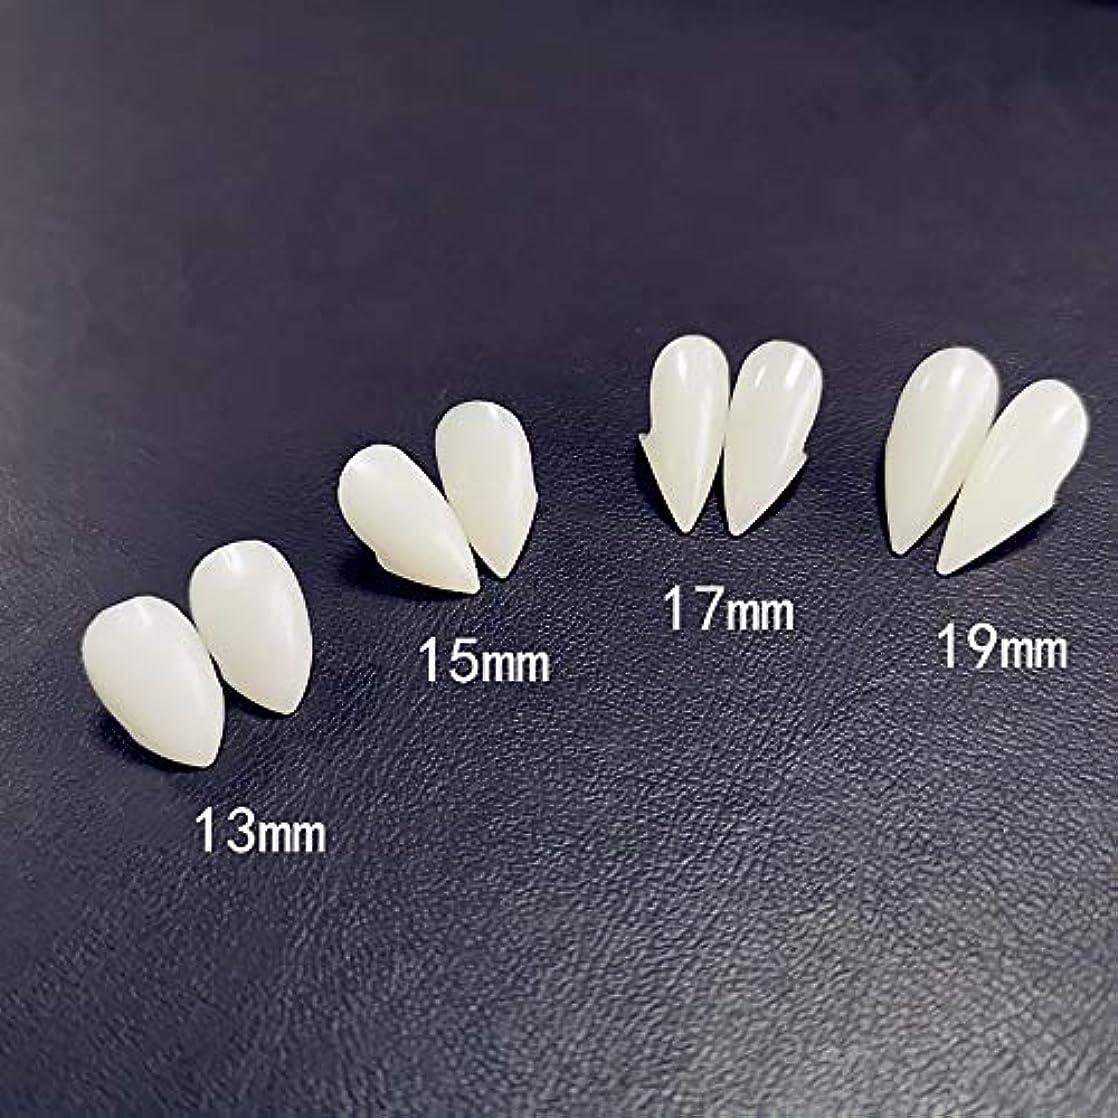 オペラ注目すべき正しく6ペア牙キット歯の入れ歯歯の牙入れ歯小道具ハロウィーンの衣装小道具パーティーの好意休日DIYの装飾ホラー大人のための子供,17mm